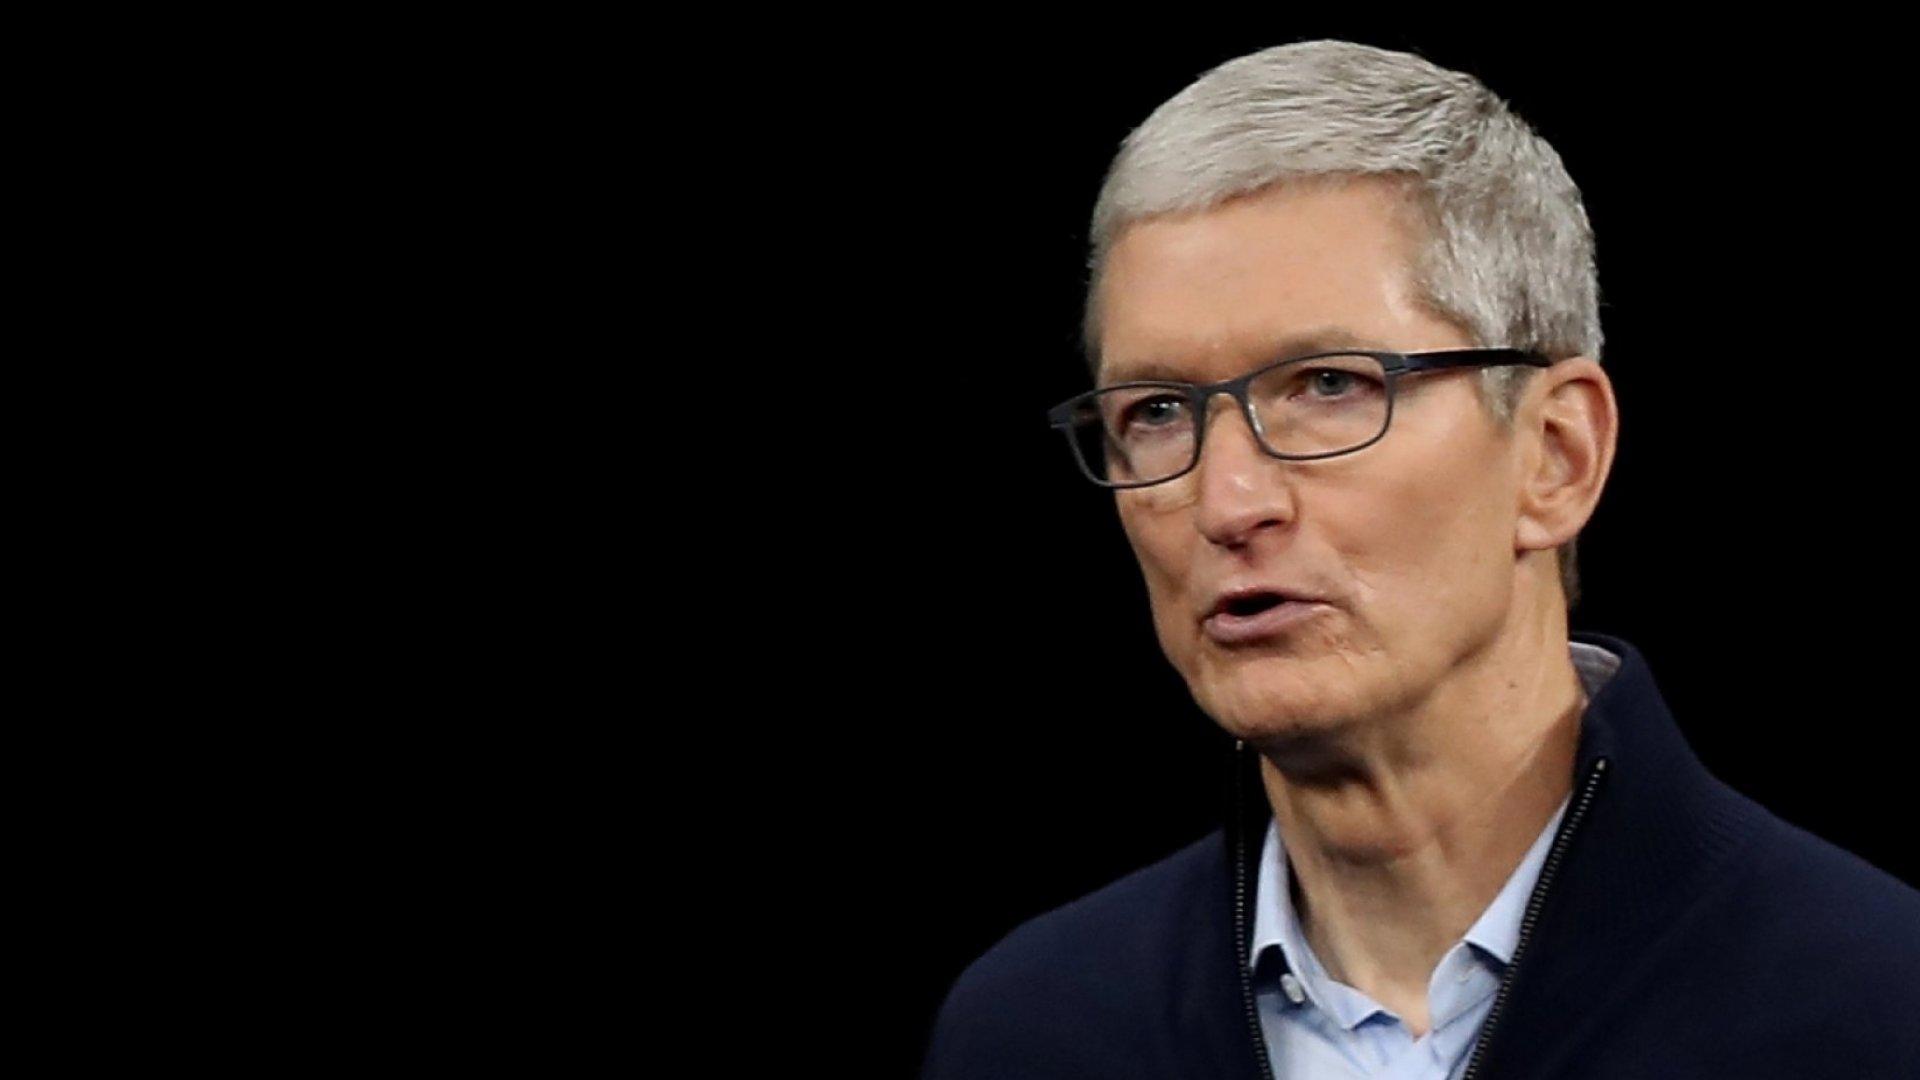 Tim Cook ấn tượng với hiệu suất làm việc từ xa của Apple, nhận thấy những sự thay đổi lâu dài